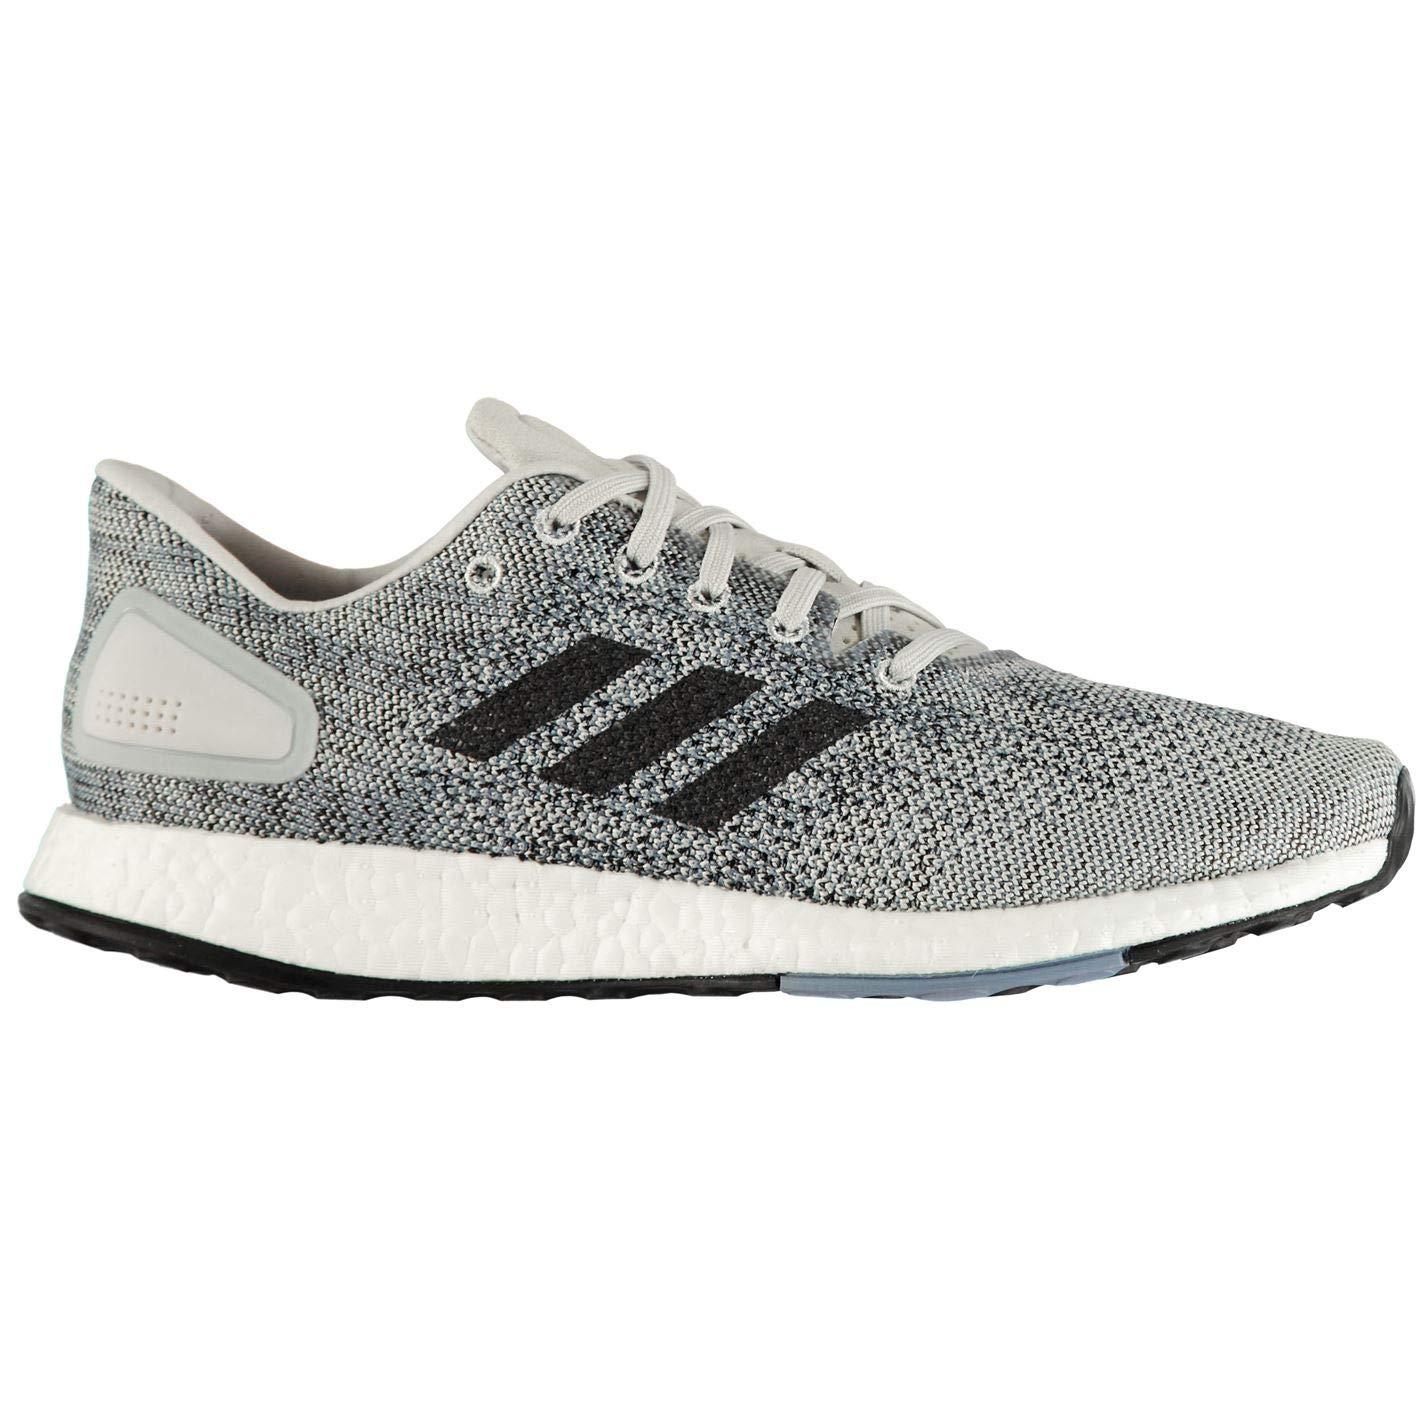 [アディダス] ランニングシューズ Pureboost DPR Shoes CM8322 EFE73 GY/WH 25.5   B07DFRMCR7